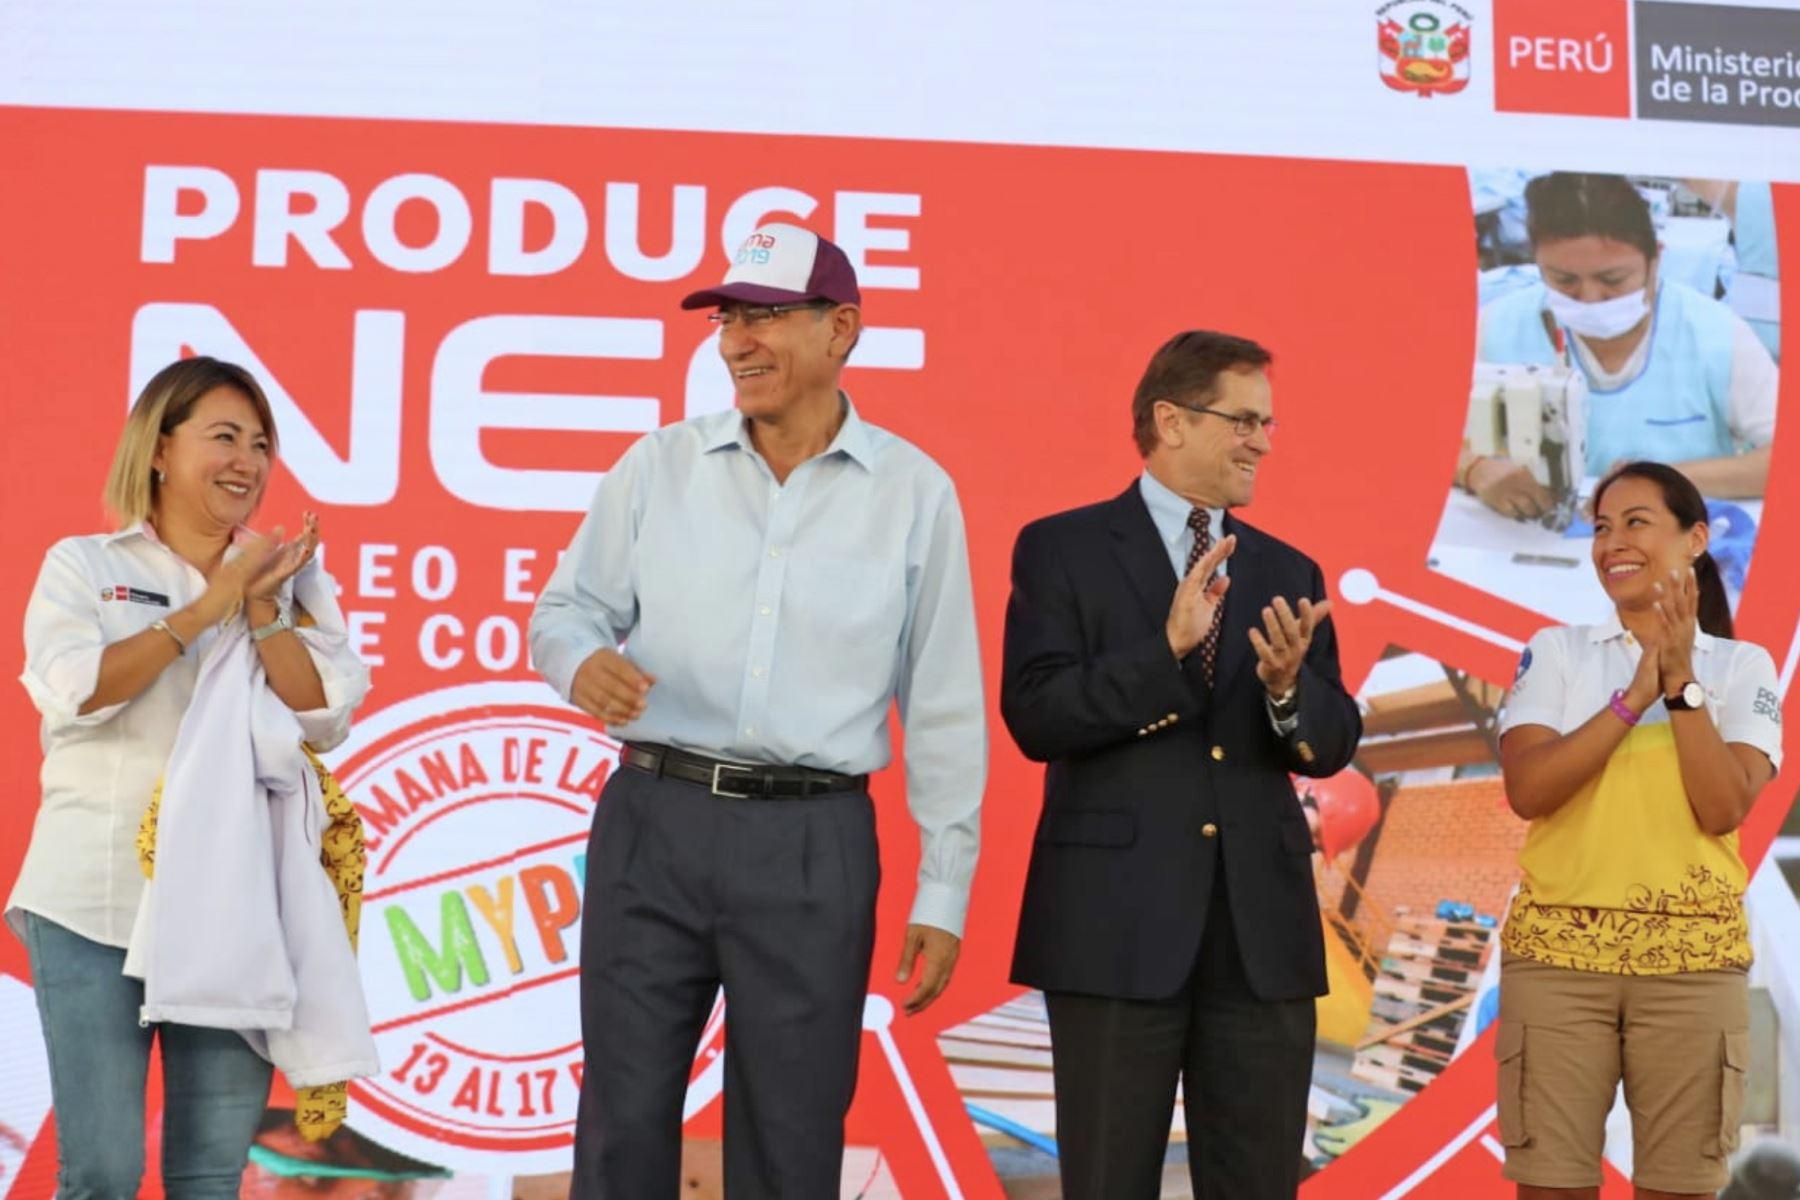 Ceremonia de entrega del primer lote de bienes adquiridos a las medianas y pequeñas empresas (Mype), por el Núcleo Ejecutor de Compras de Kits para los XVIII Juegos Panamericanos y Sextos Juegos Parapanamericanos del 2019. Foto: ANDINA/Prensa Presidencia